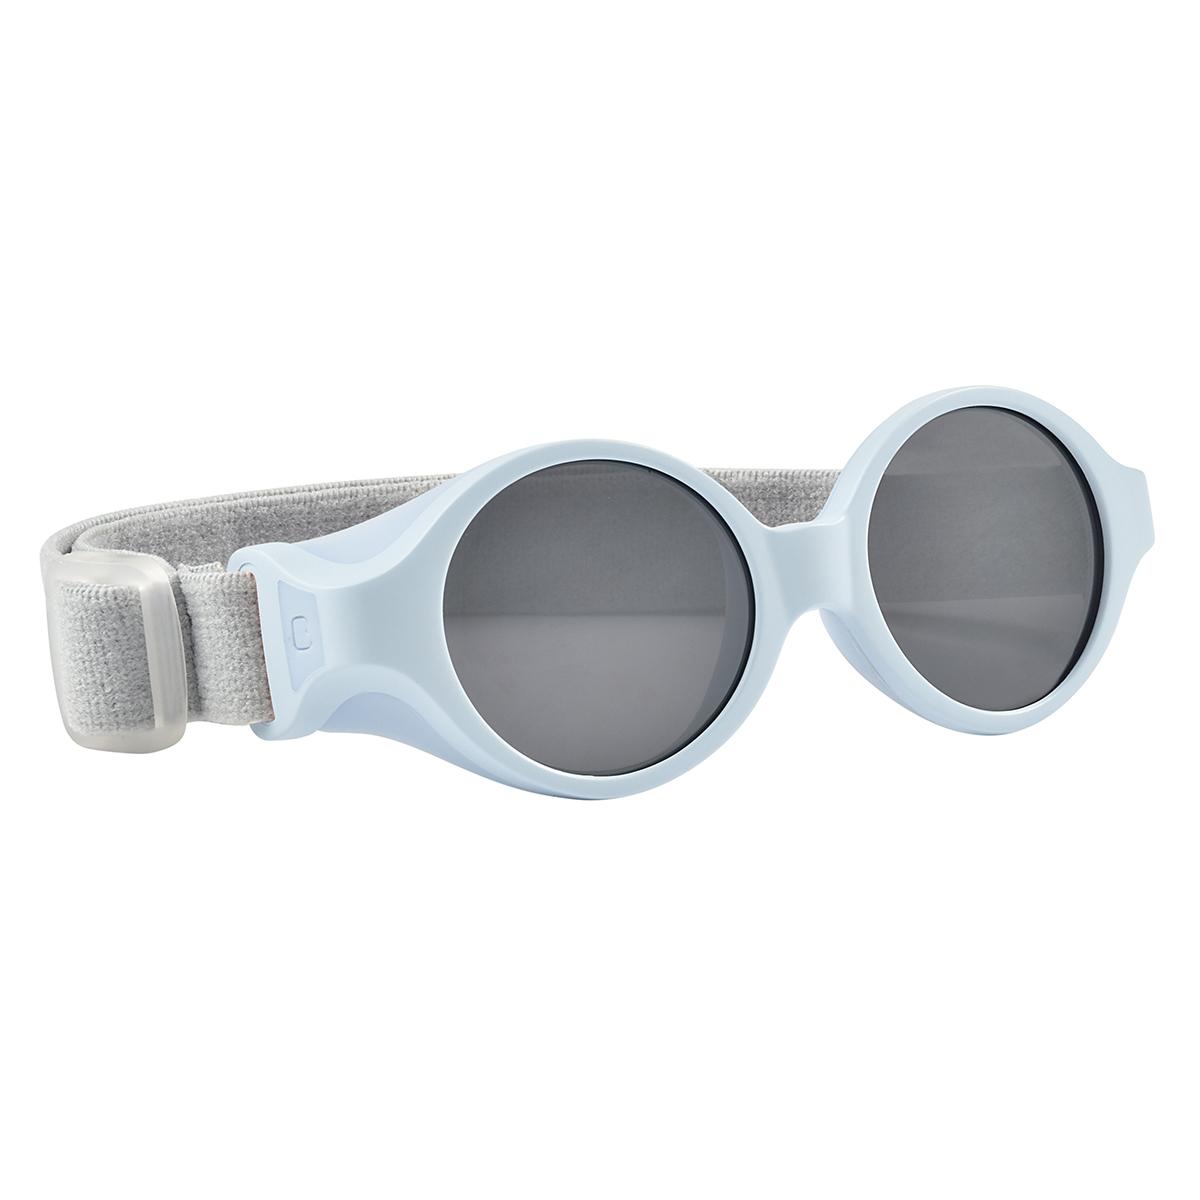 Accessoires bébé Lunettes de Soleil Bandeau 0/9 Mois - Bleu Perle